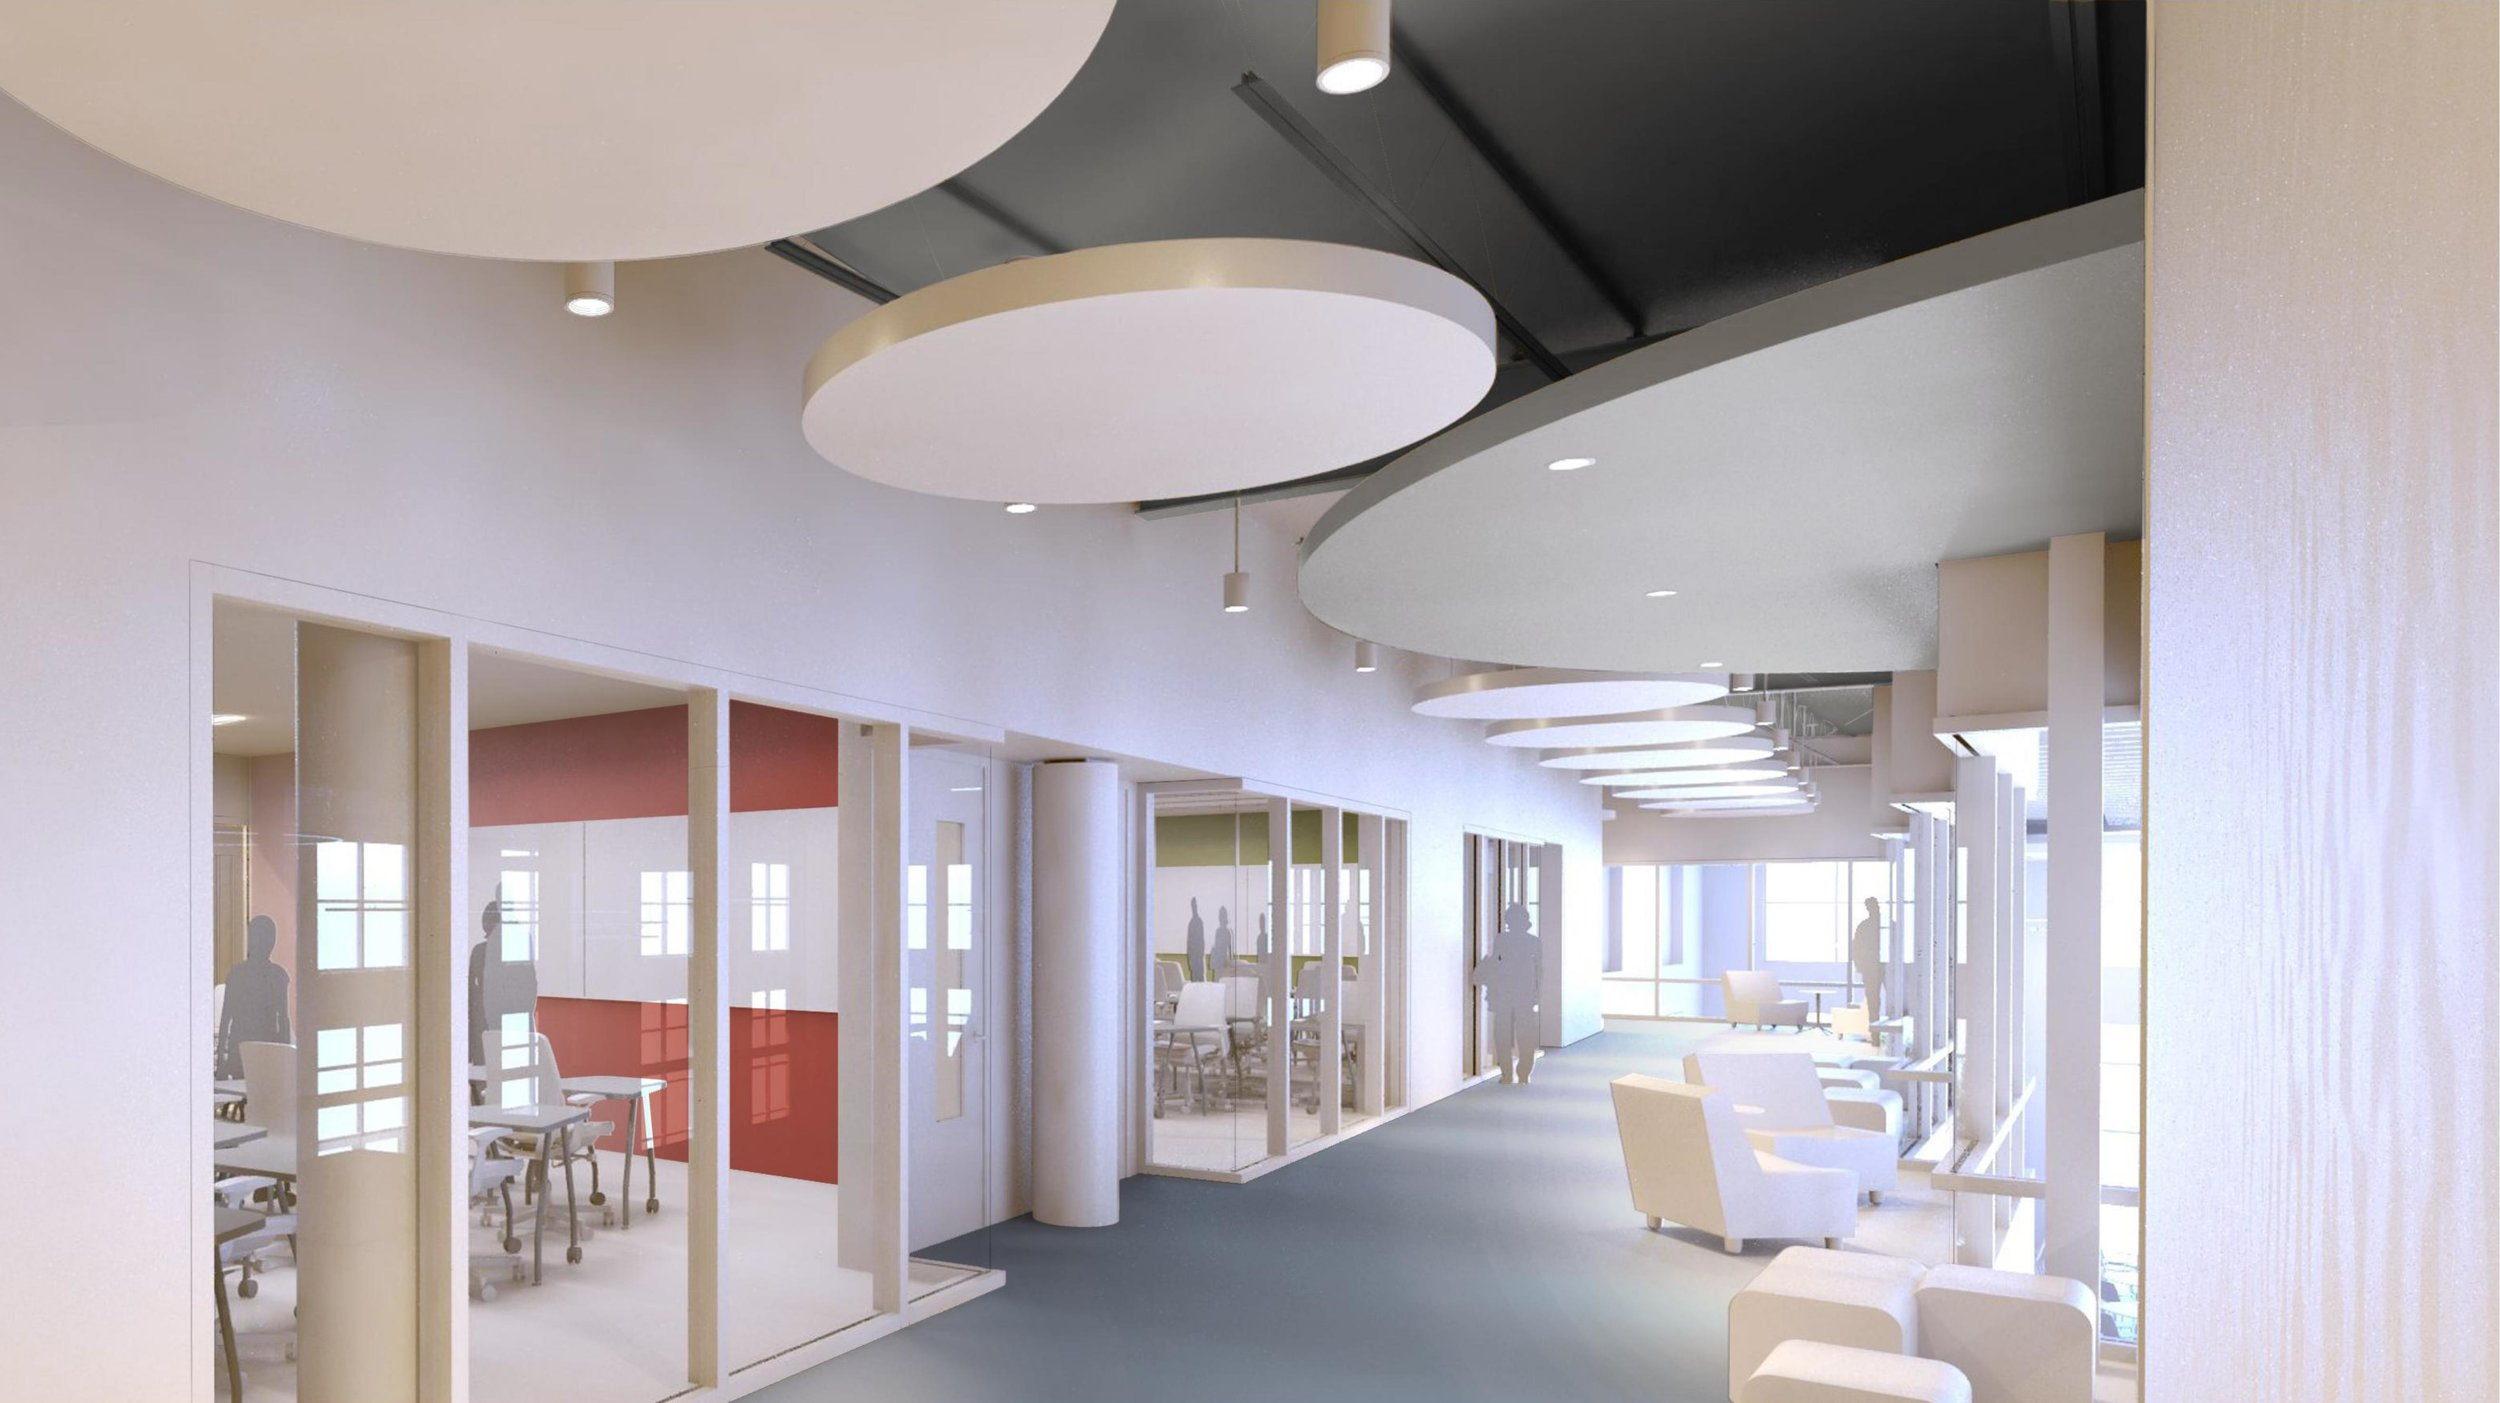 Flex Corridor Rendering